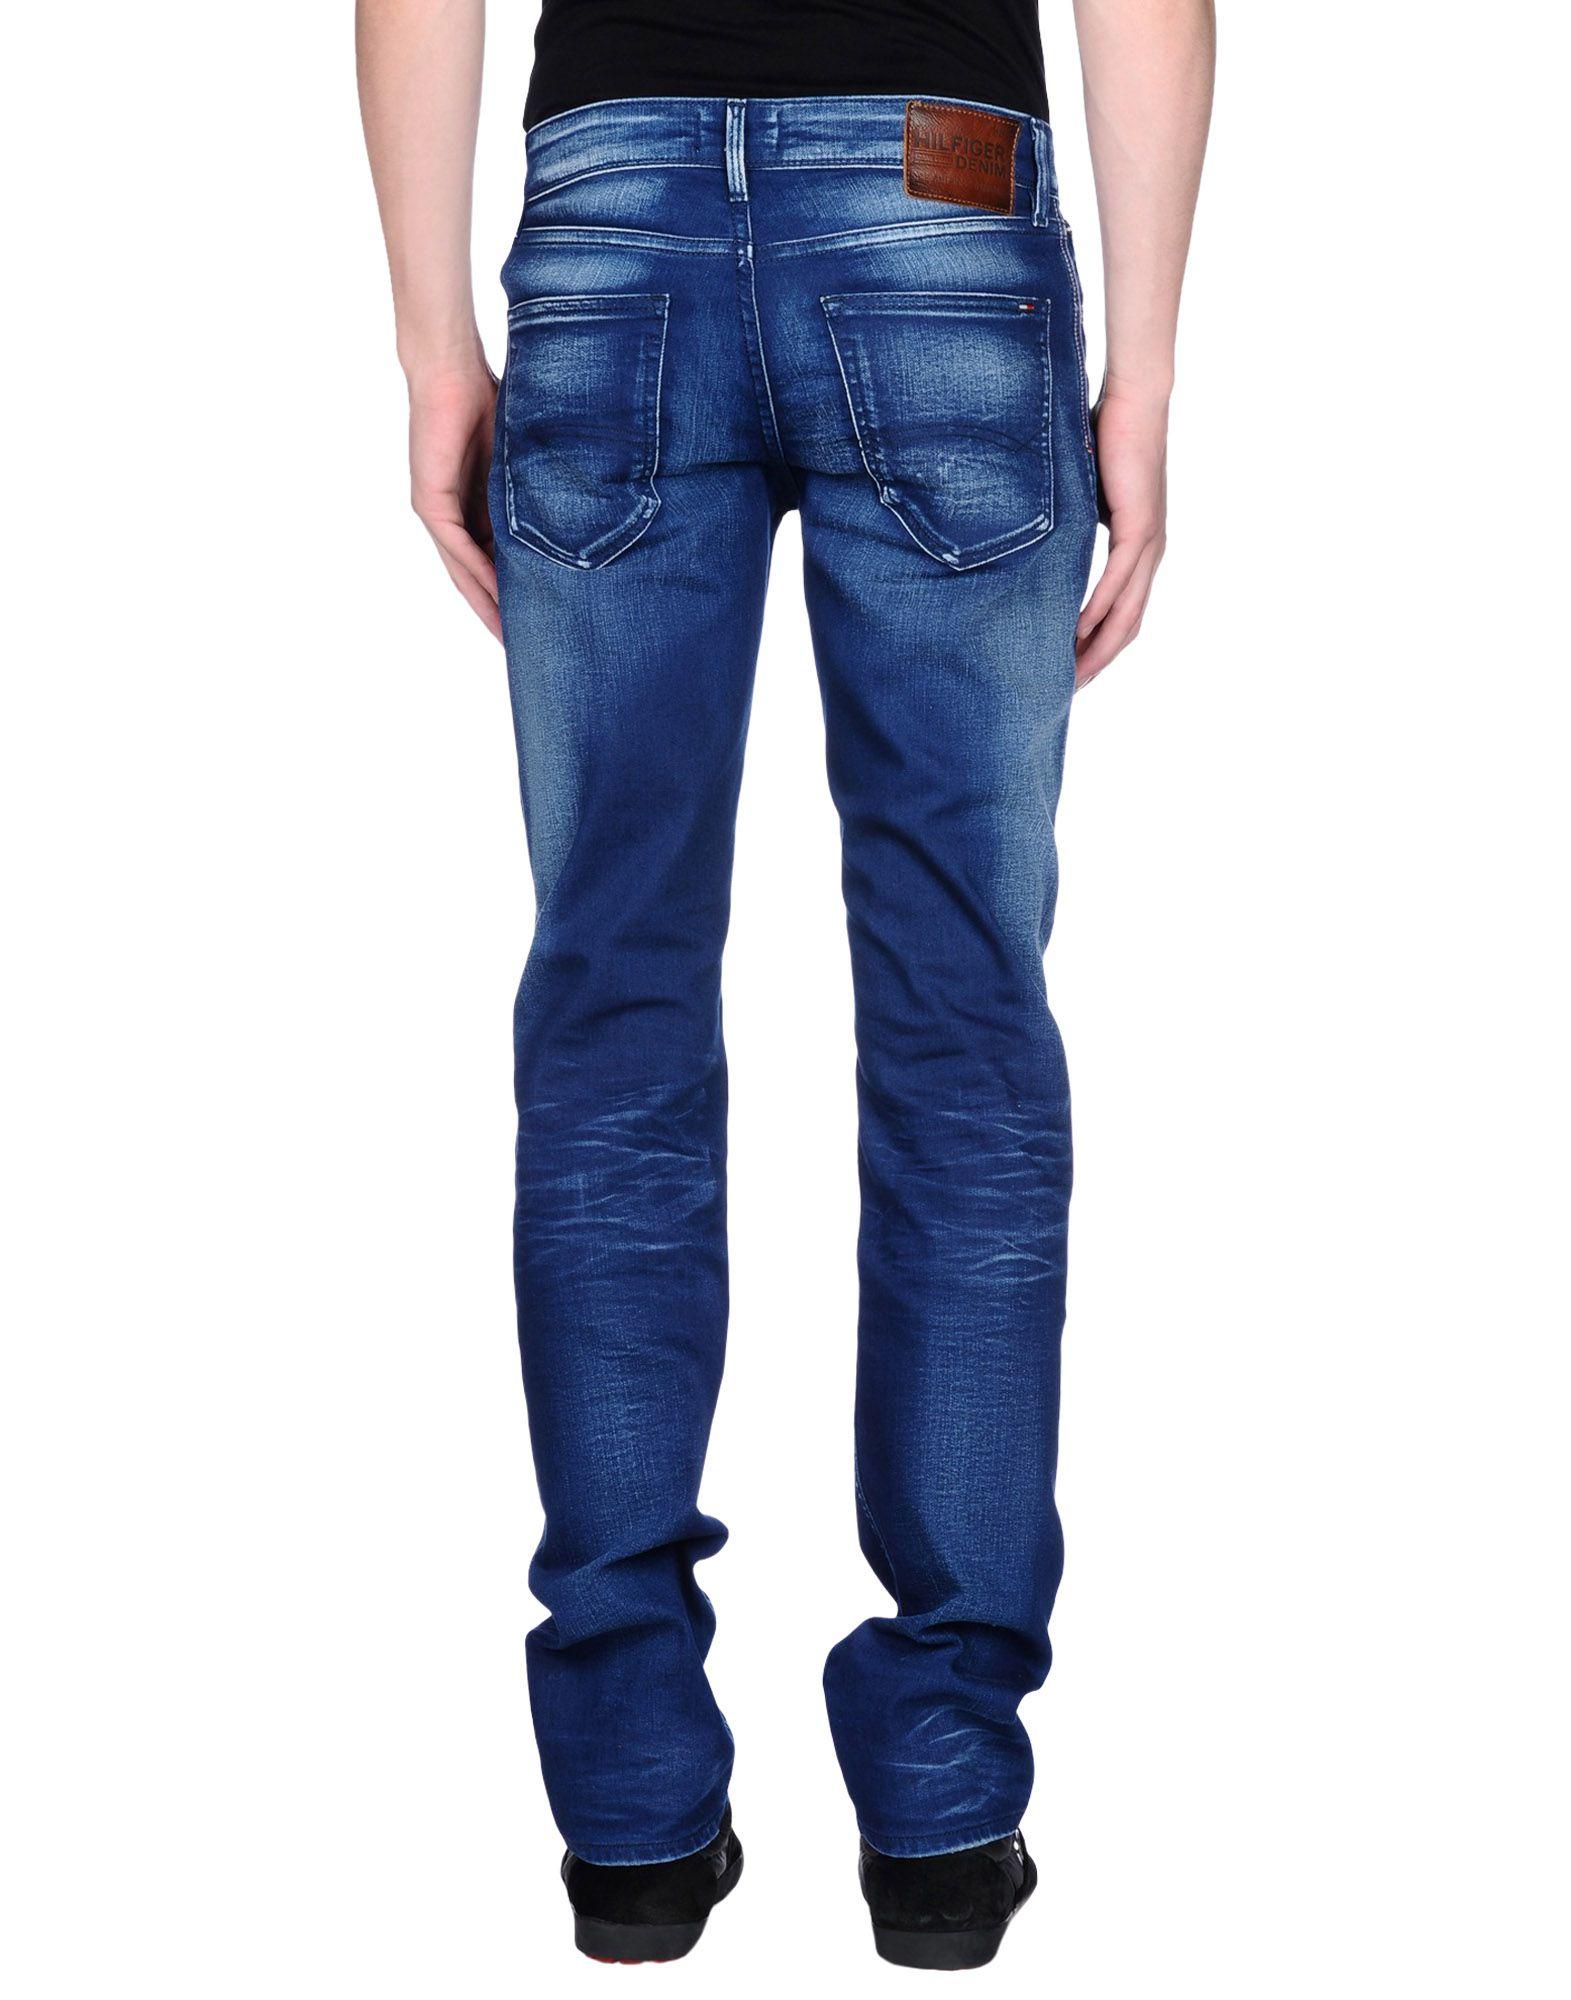 tommy hilfiger denim denim trousers in blue for men lyst. Black Bedroom Furniture Sets. Home Design Ideas